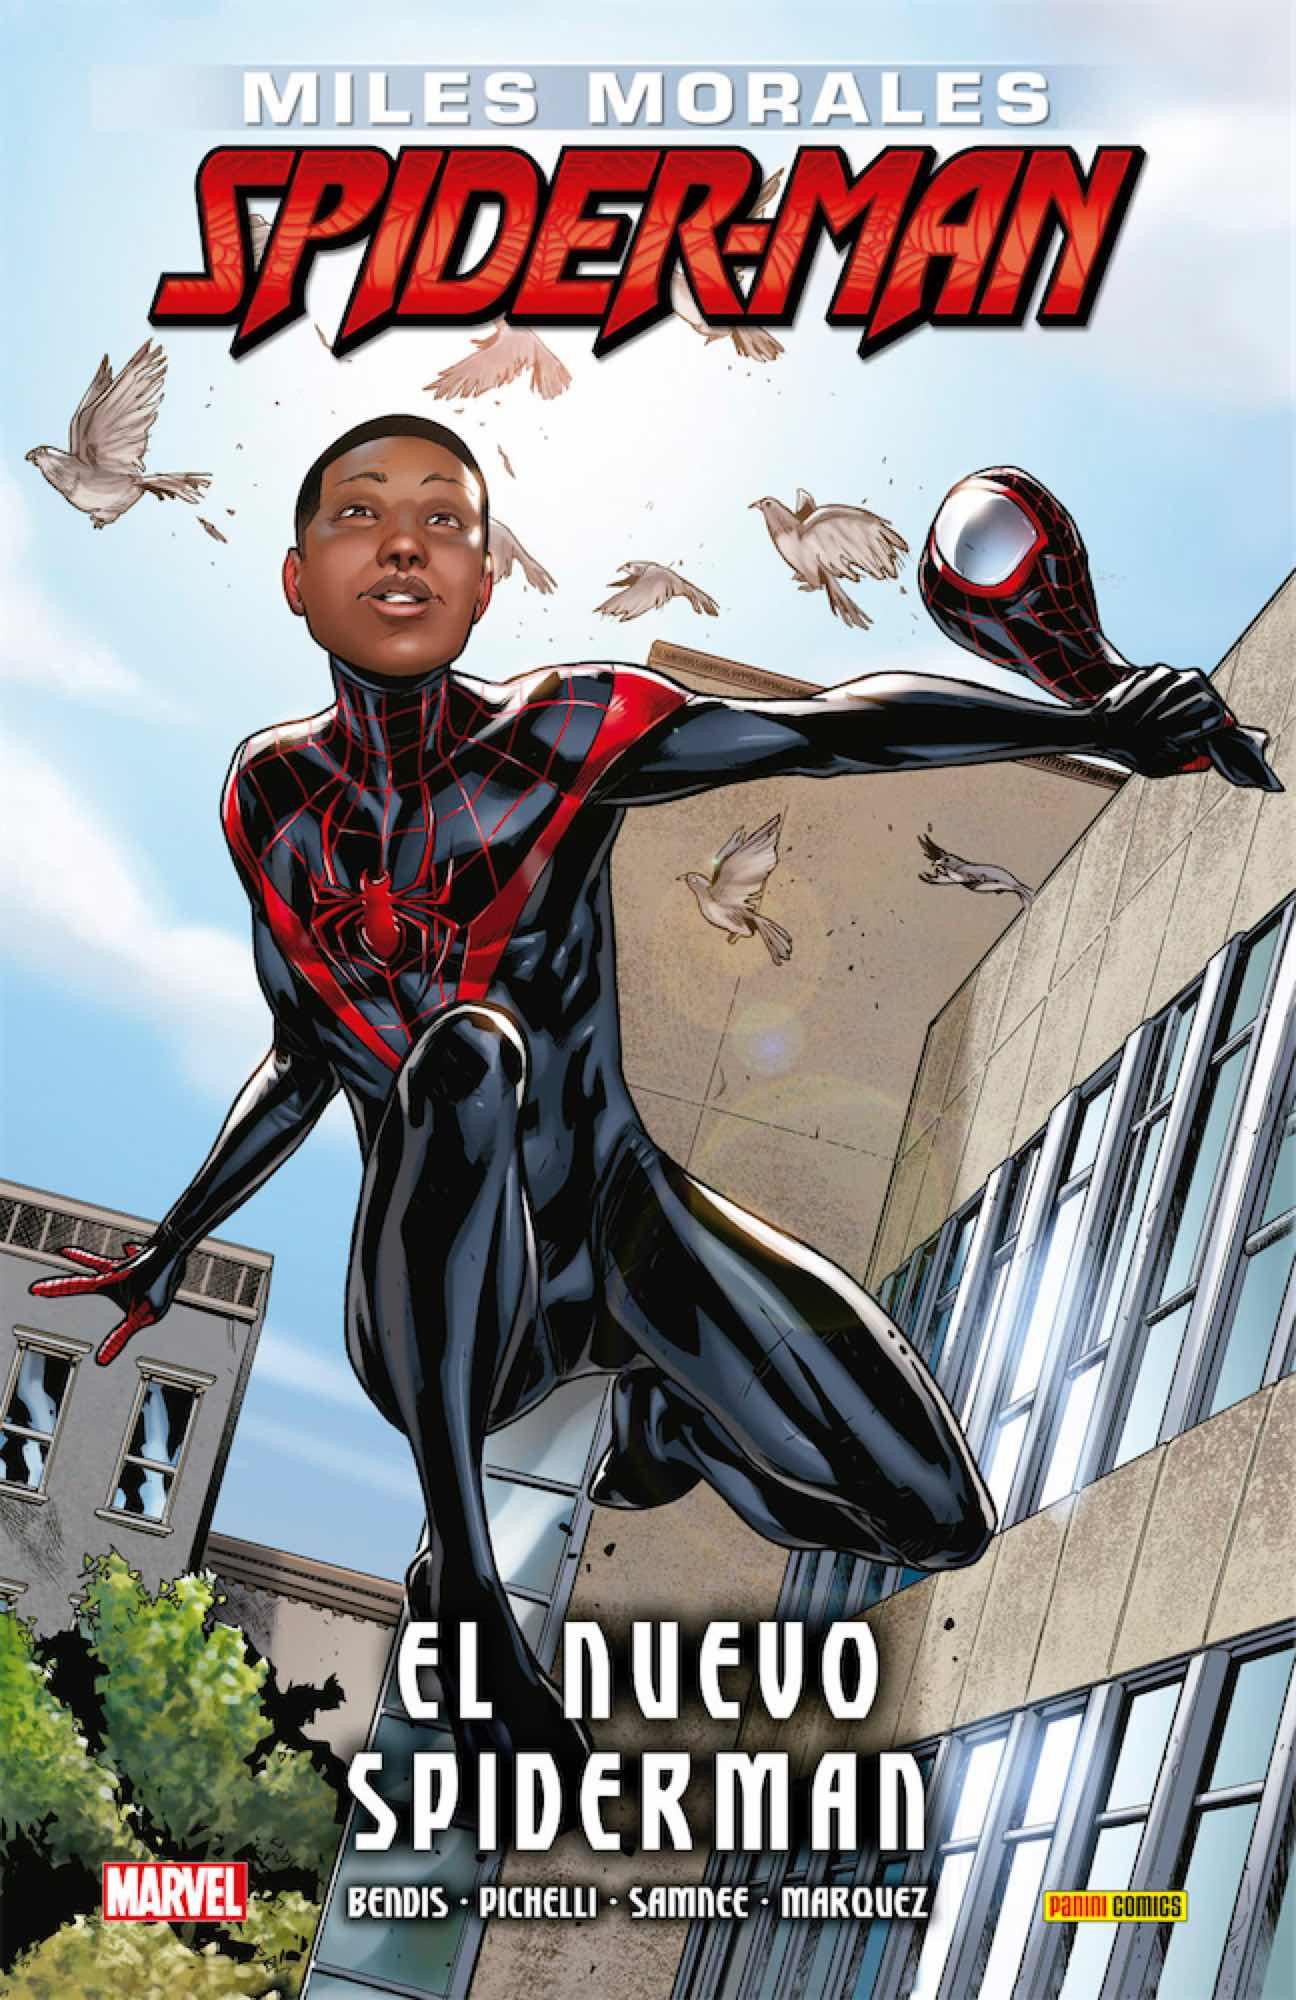 ULTIMATE INTEGRAL. MILES MORALES 01 SPIDERMAN. EL NUEVO SPIDERMAN